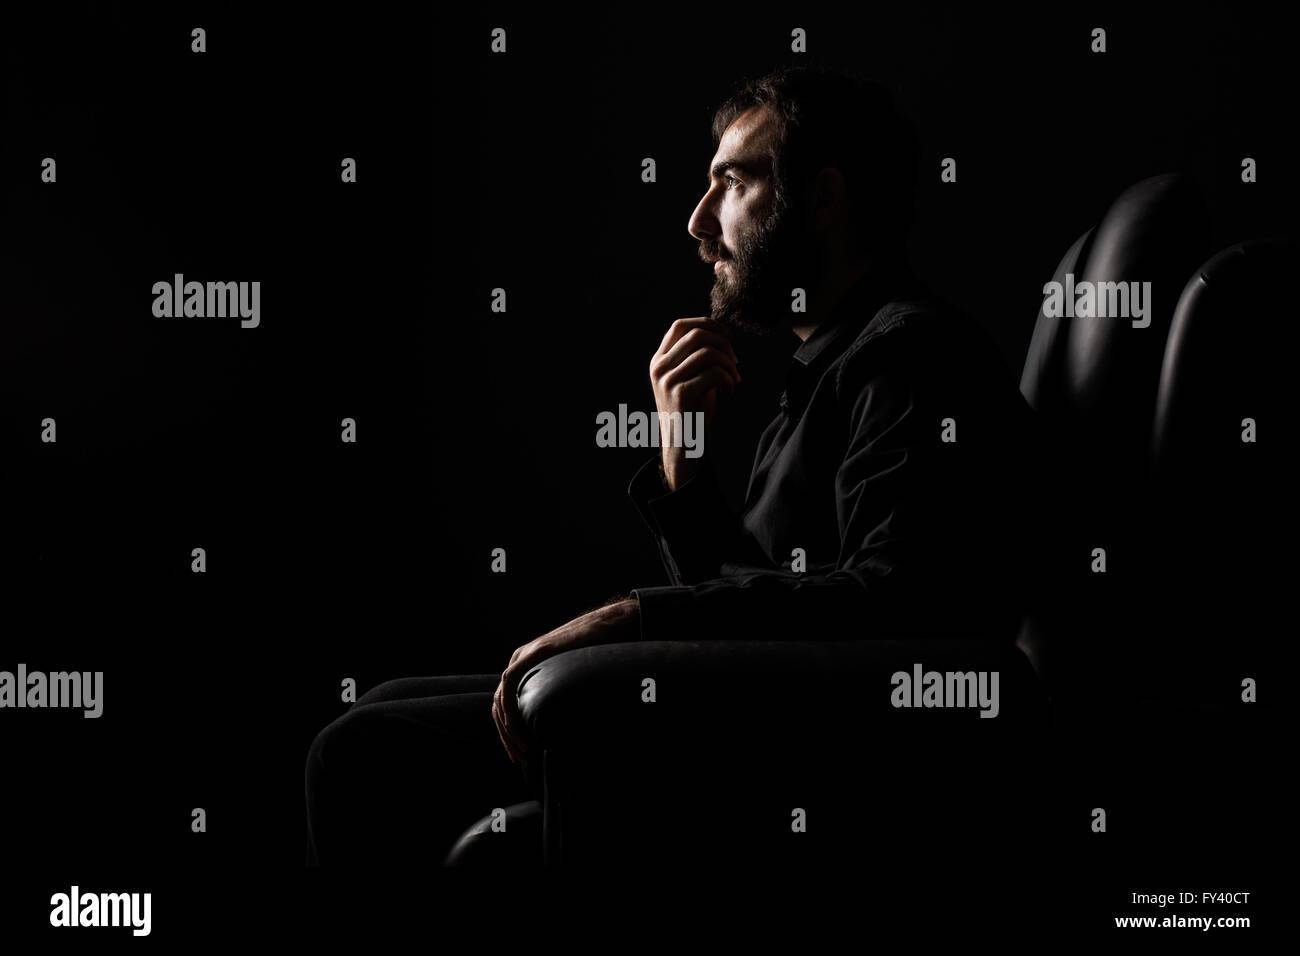 Thinking Man with Beard Sittin on an Armchair - Stock Image